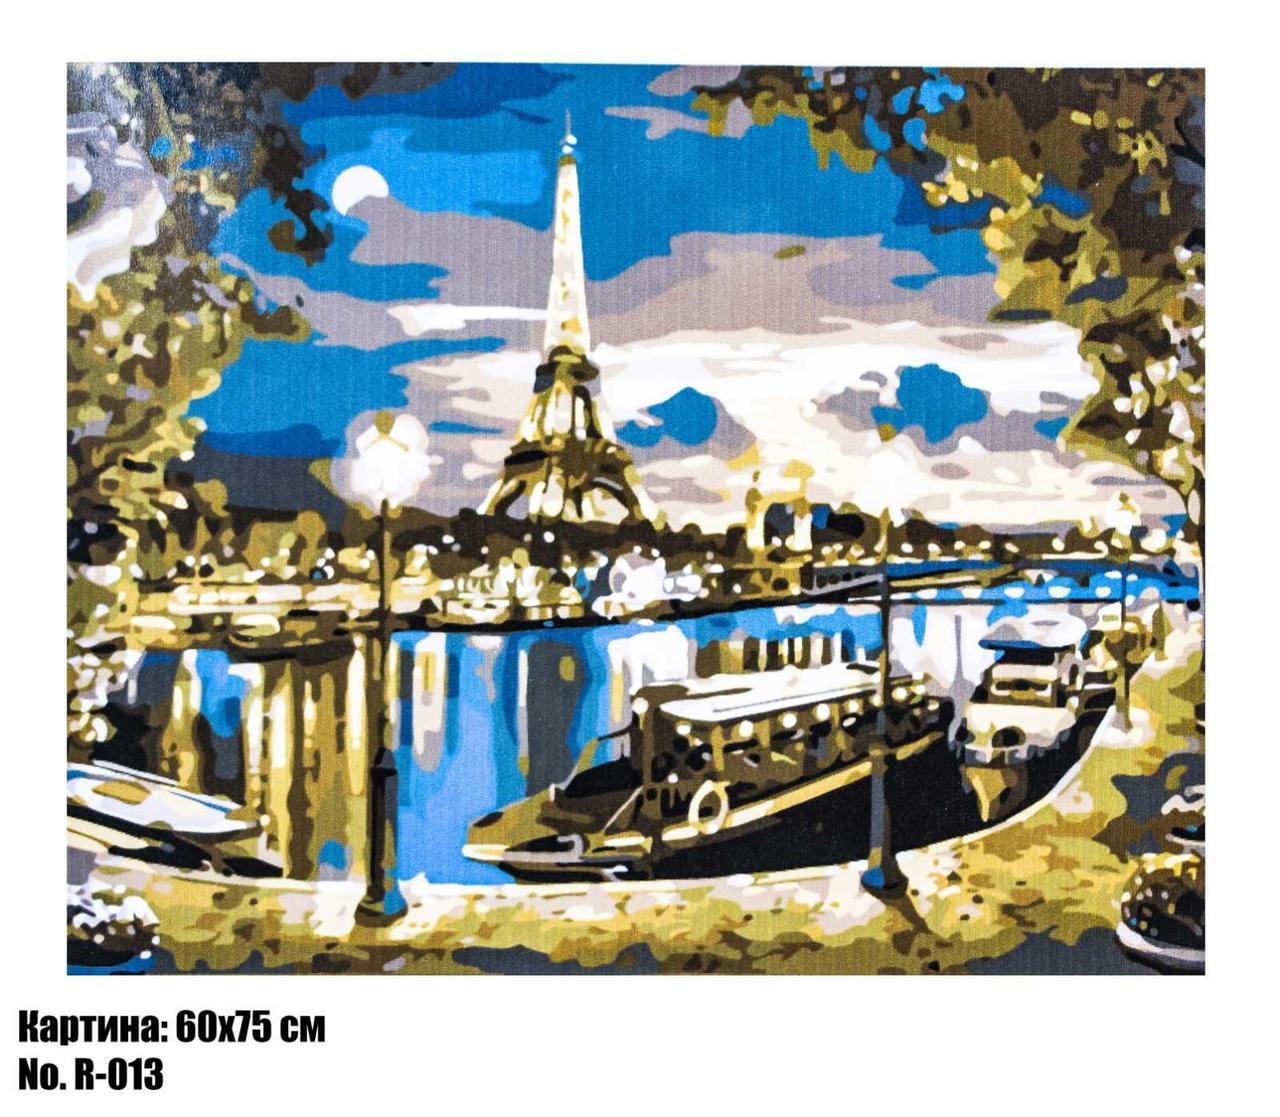 """Картина по номерам """"Ночь в Париже"""" размер 60 х 75 см, код 6022"""